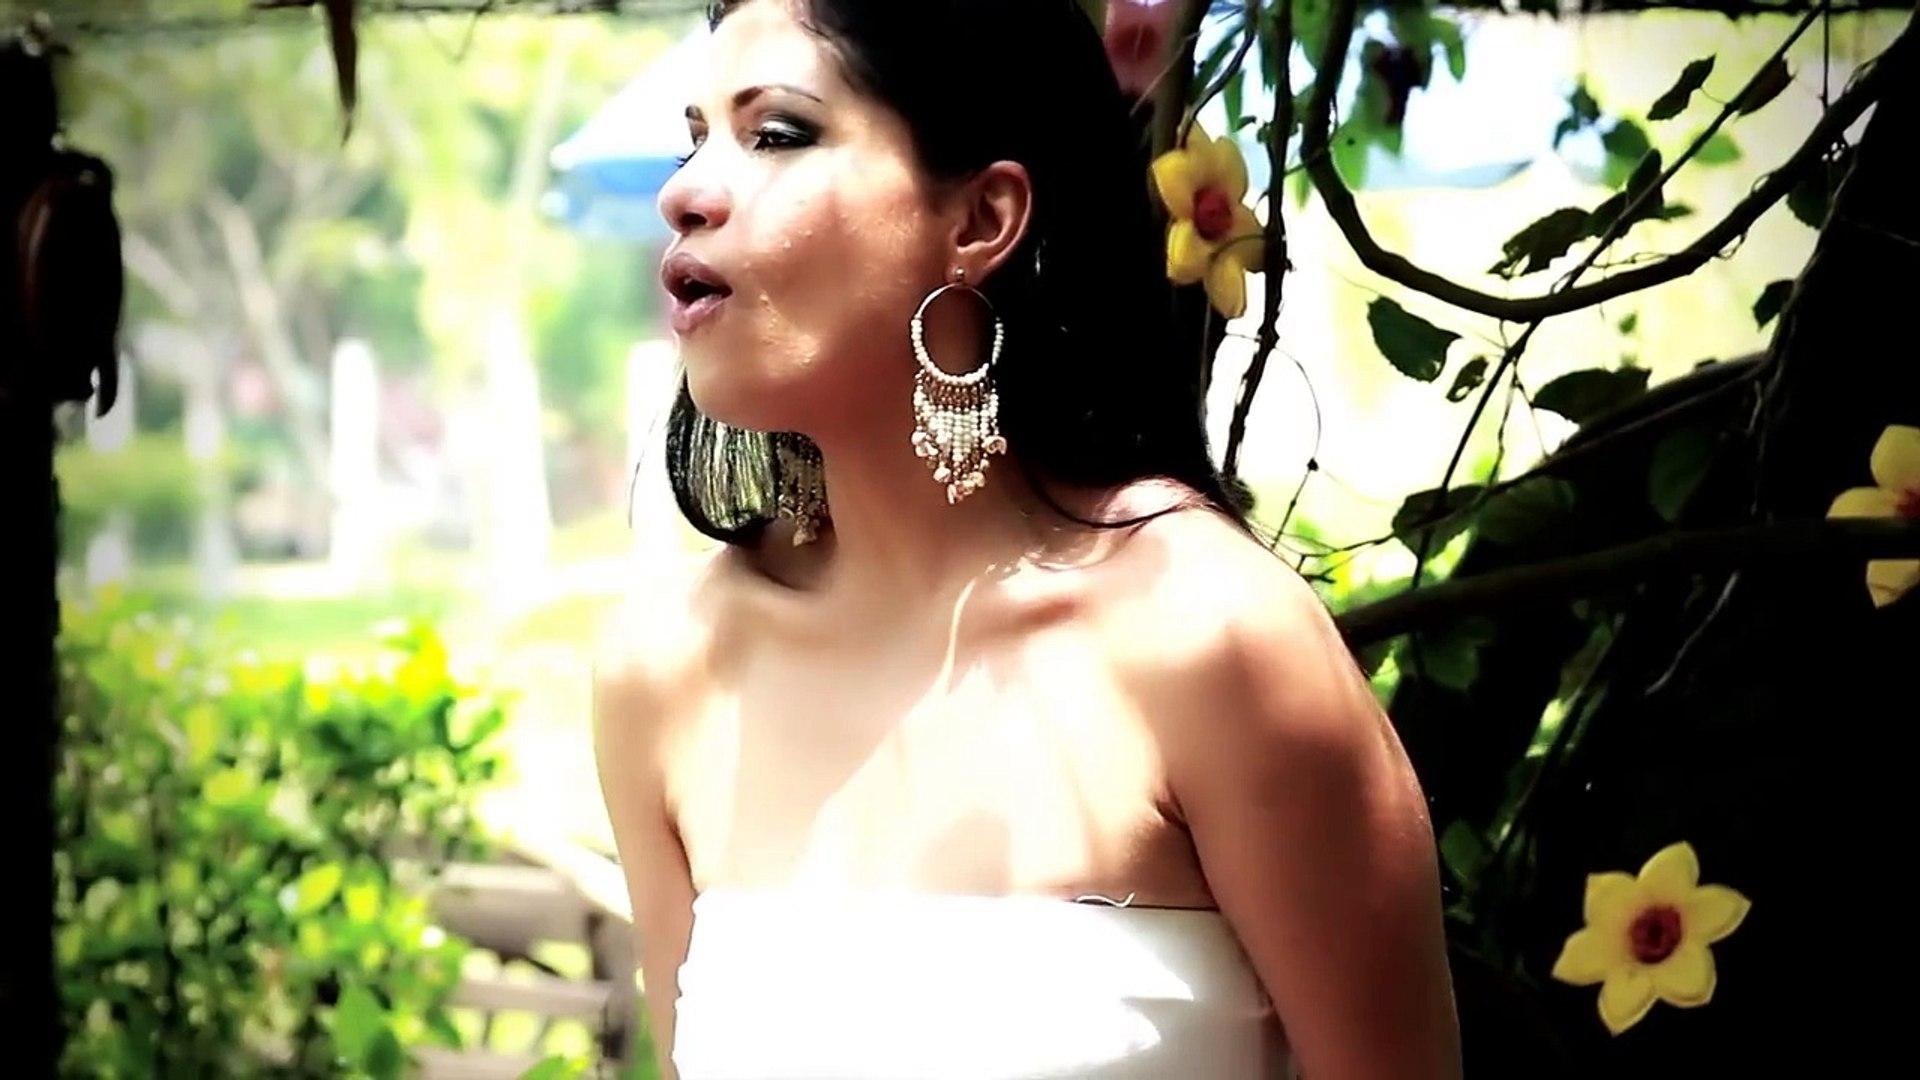 Musica de Banda Sinaloense Llora Corazón Adolfina Nava Musica de Banda Romantica 2014